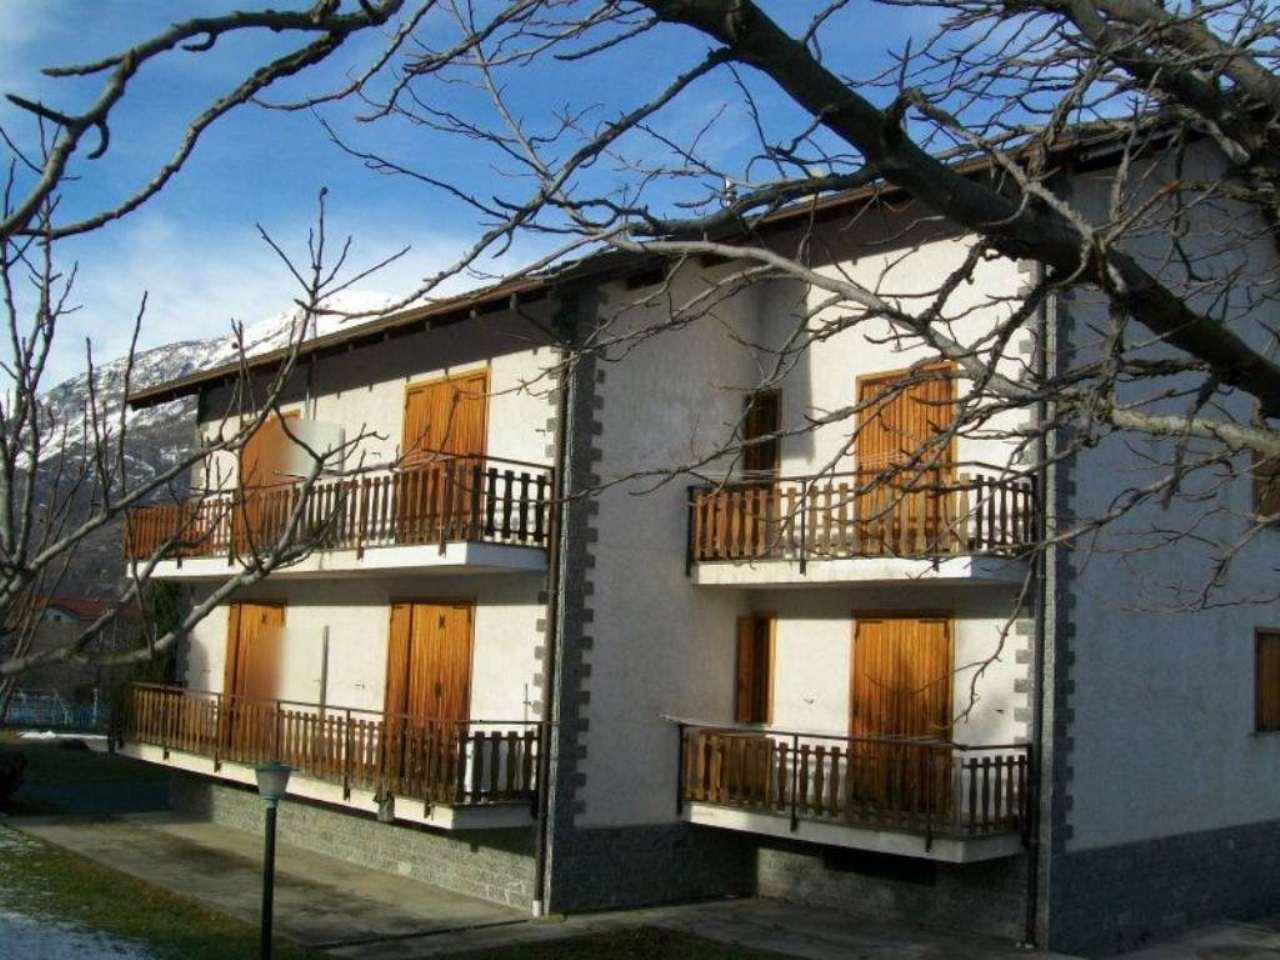 Appartamento in vendita a Gravere, 1 locali, prezzo € 28.000 | CambioCasa.it